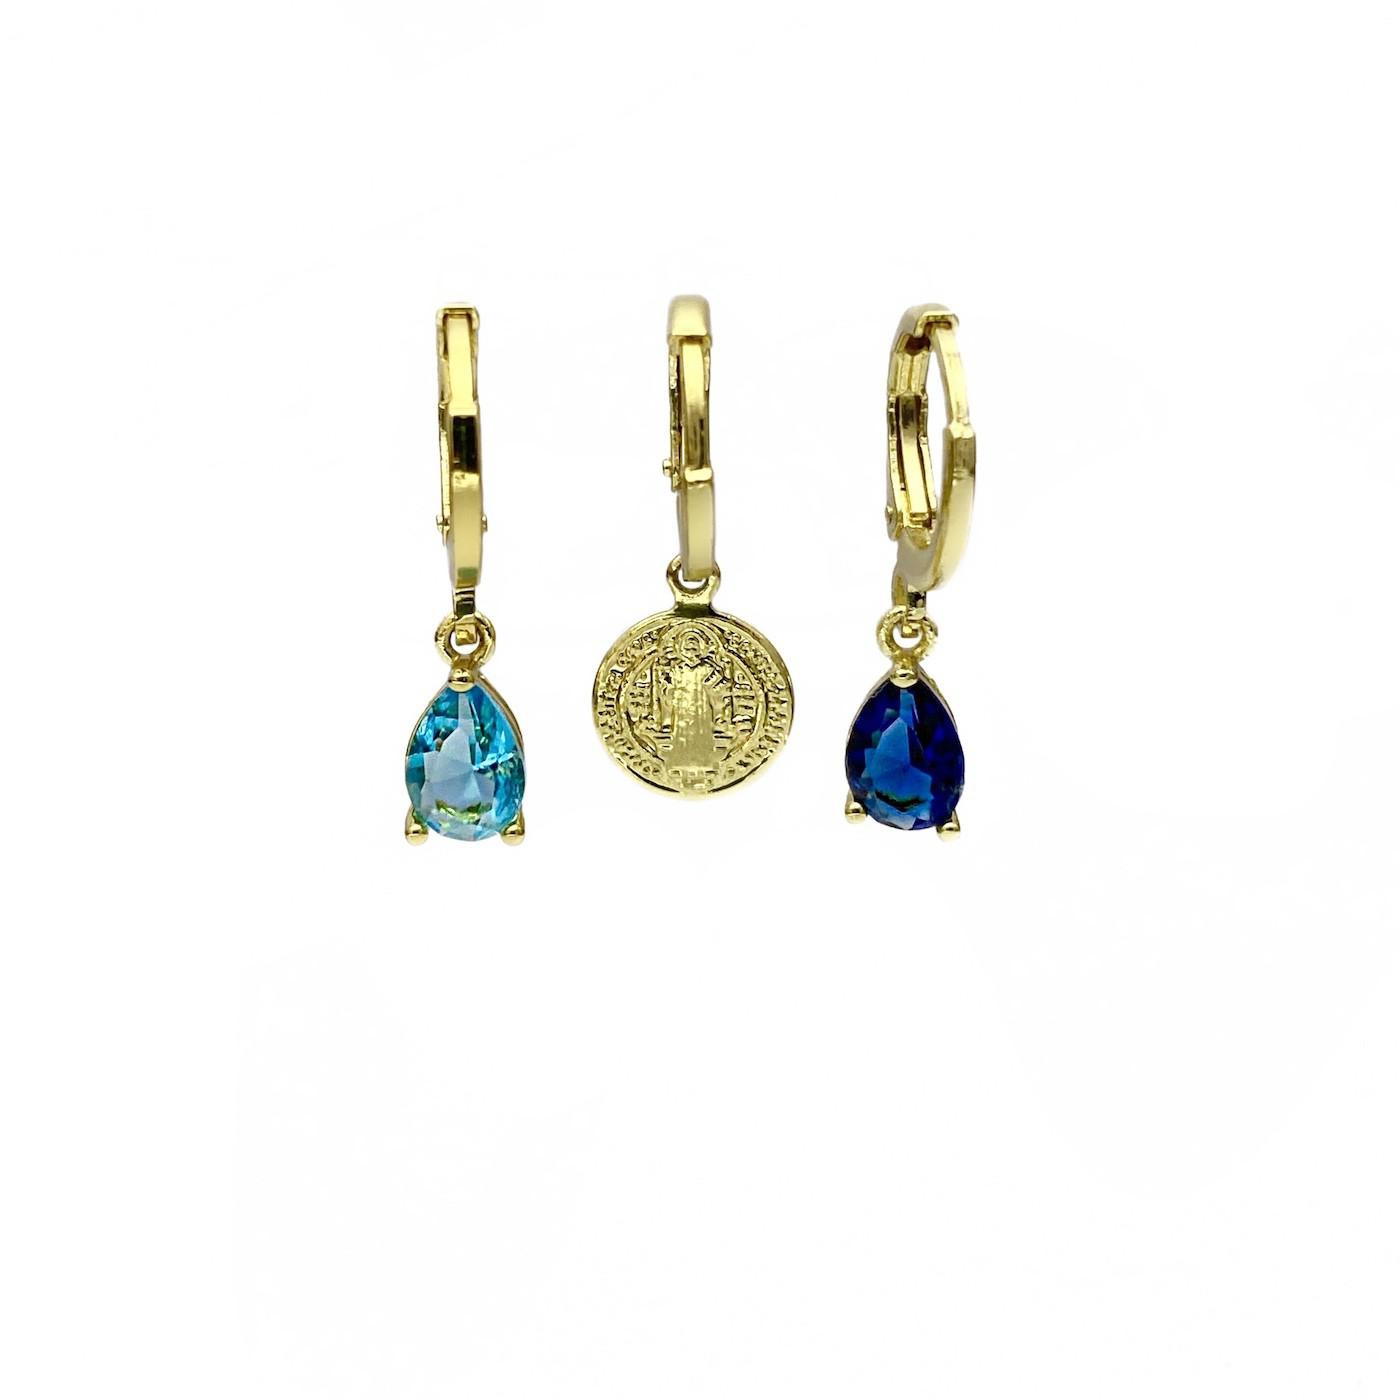 Dupla De Brincos Pedras + Brinco Medalha São Bento (Banho Ouro 18k)(3 Pares)